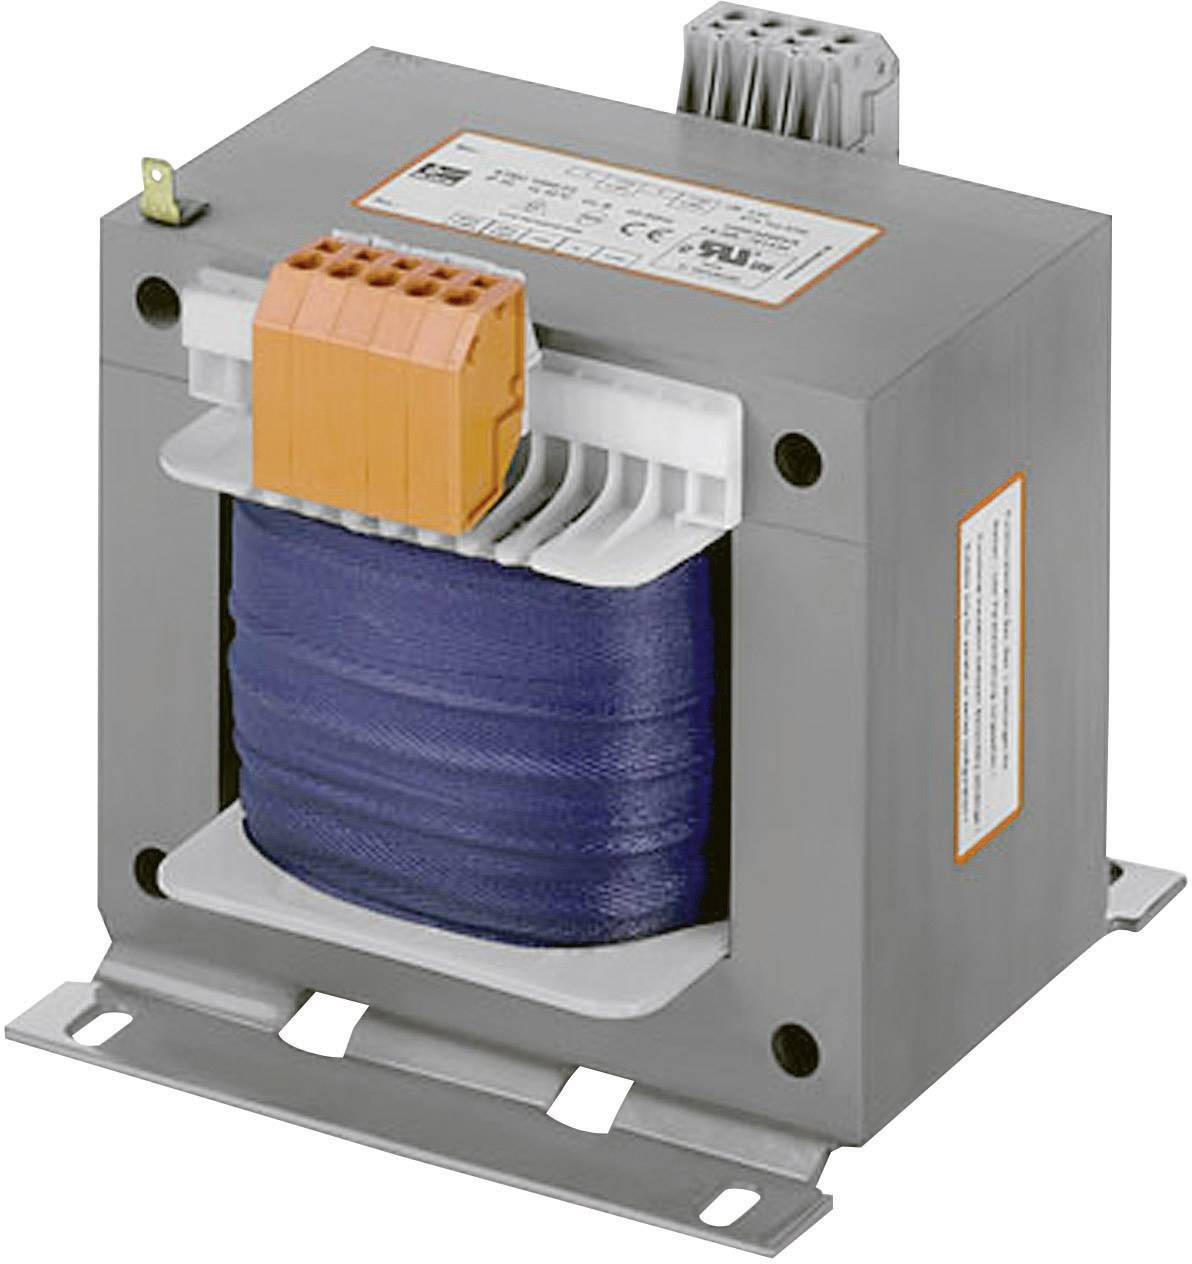 Bezpečnostný transformátor, riadiaci transformátor, izolačný transformátor Block STEU 63/23, 63 VA